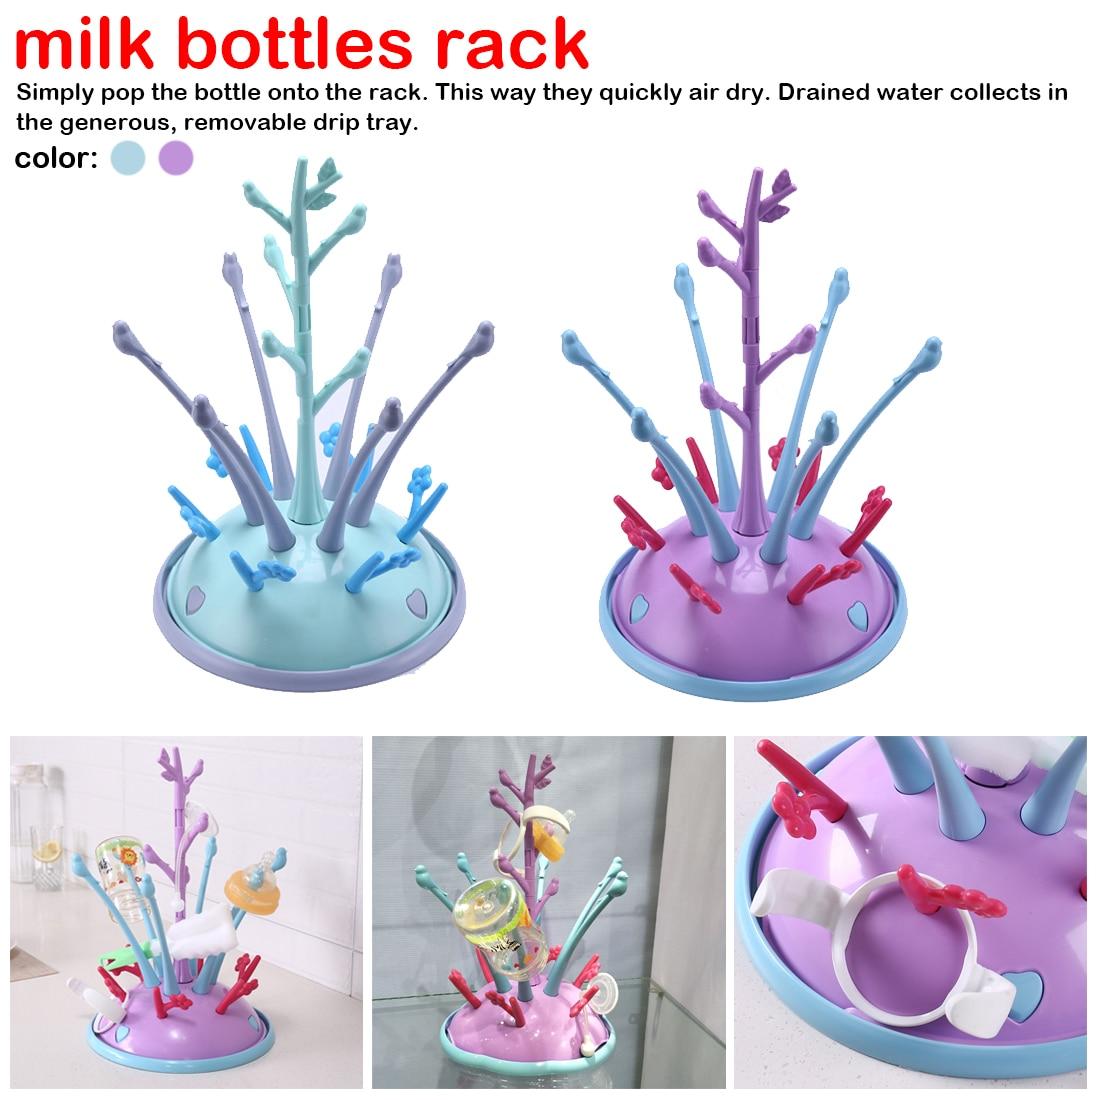 Bottles Drainer Bottle Holder For Feeding Drying Cup Rack For Babies Bottle Drying Rack Portable Drying Rack For Baby